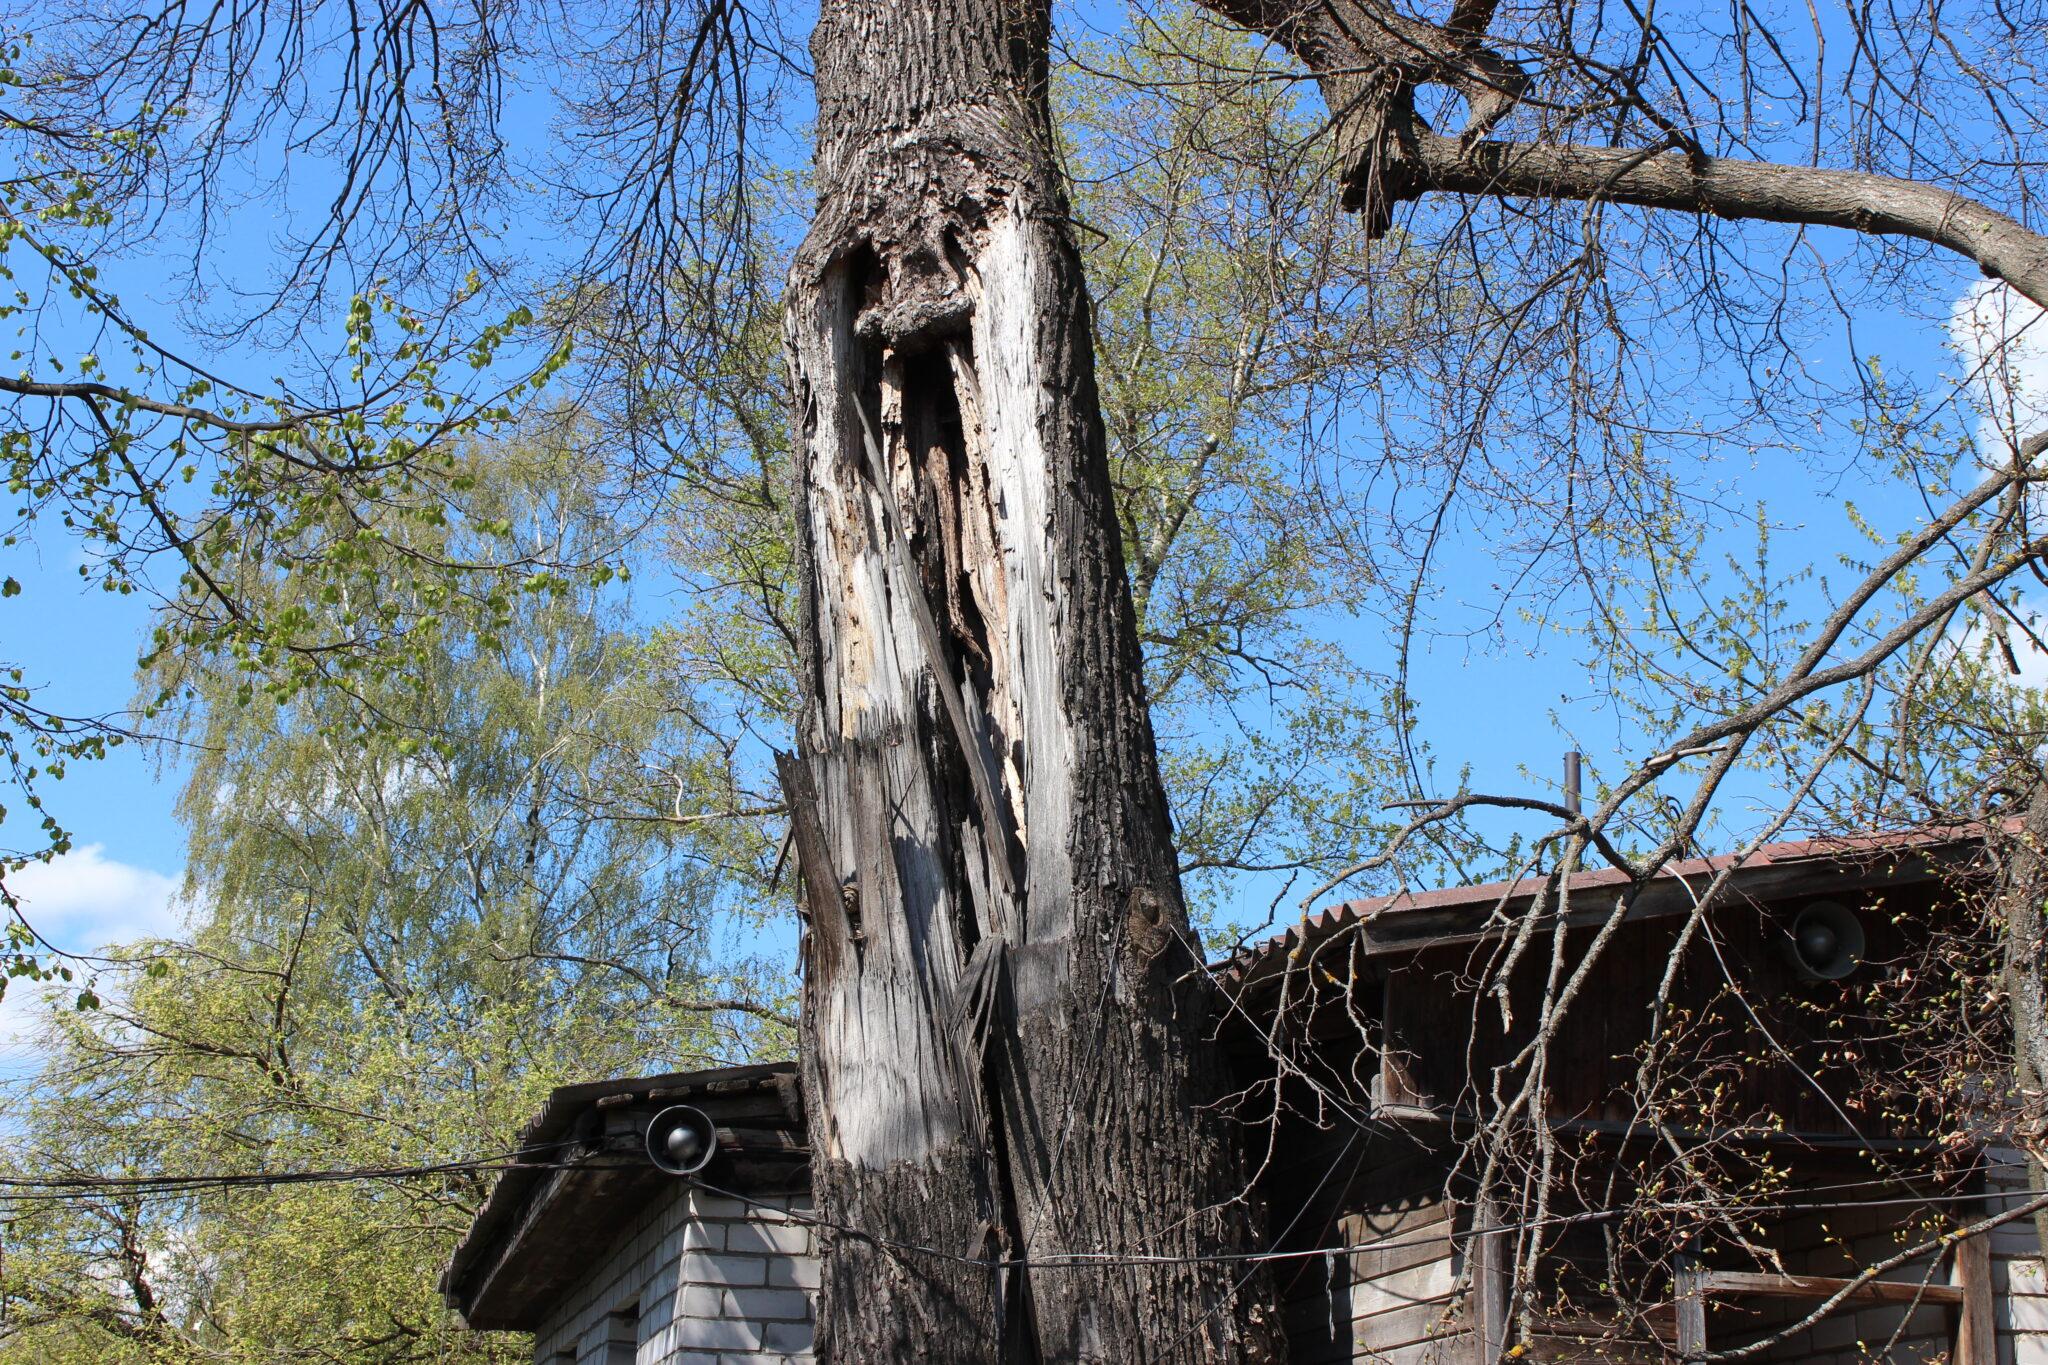 Удаление старого аварийного дерева (вековой липы) и разбор завалов после урагана в Сергиевом Посаде Московской области